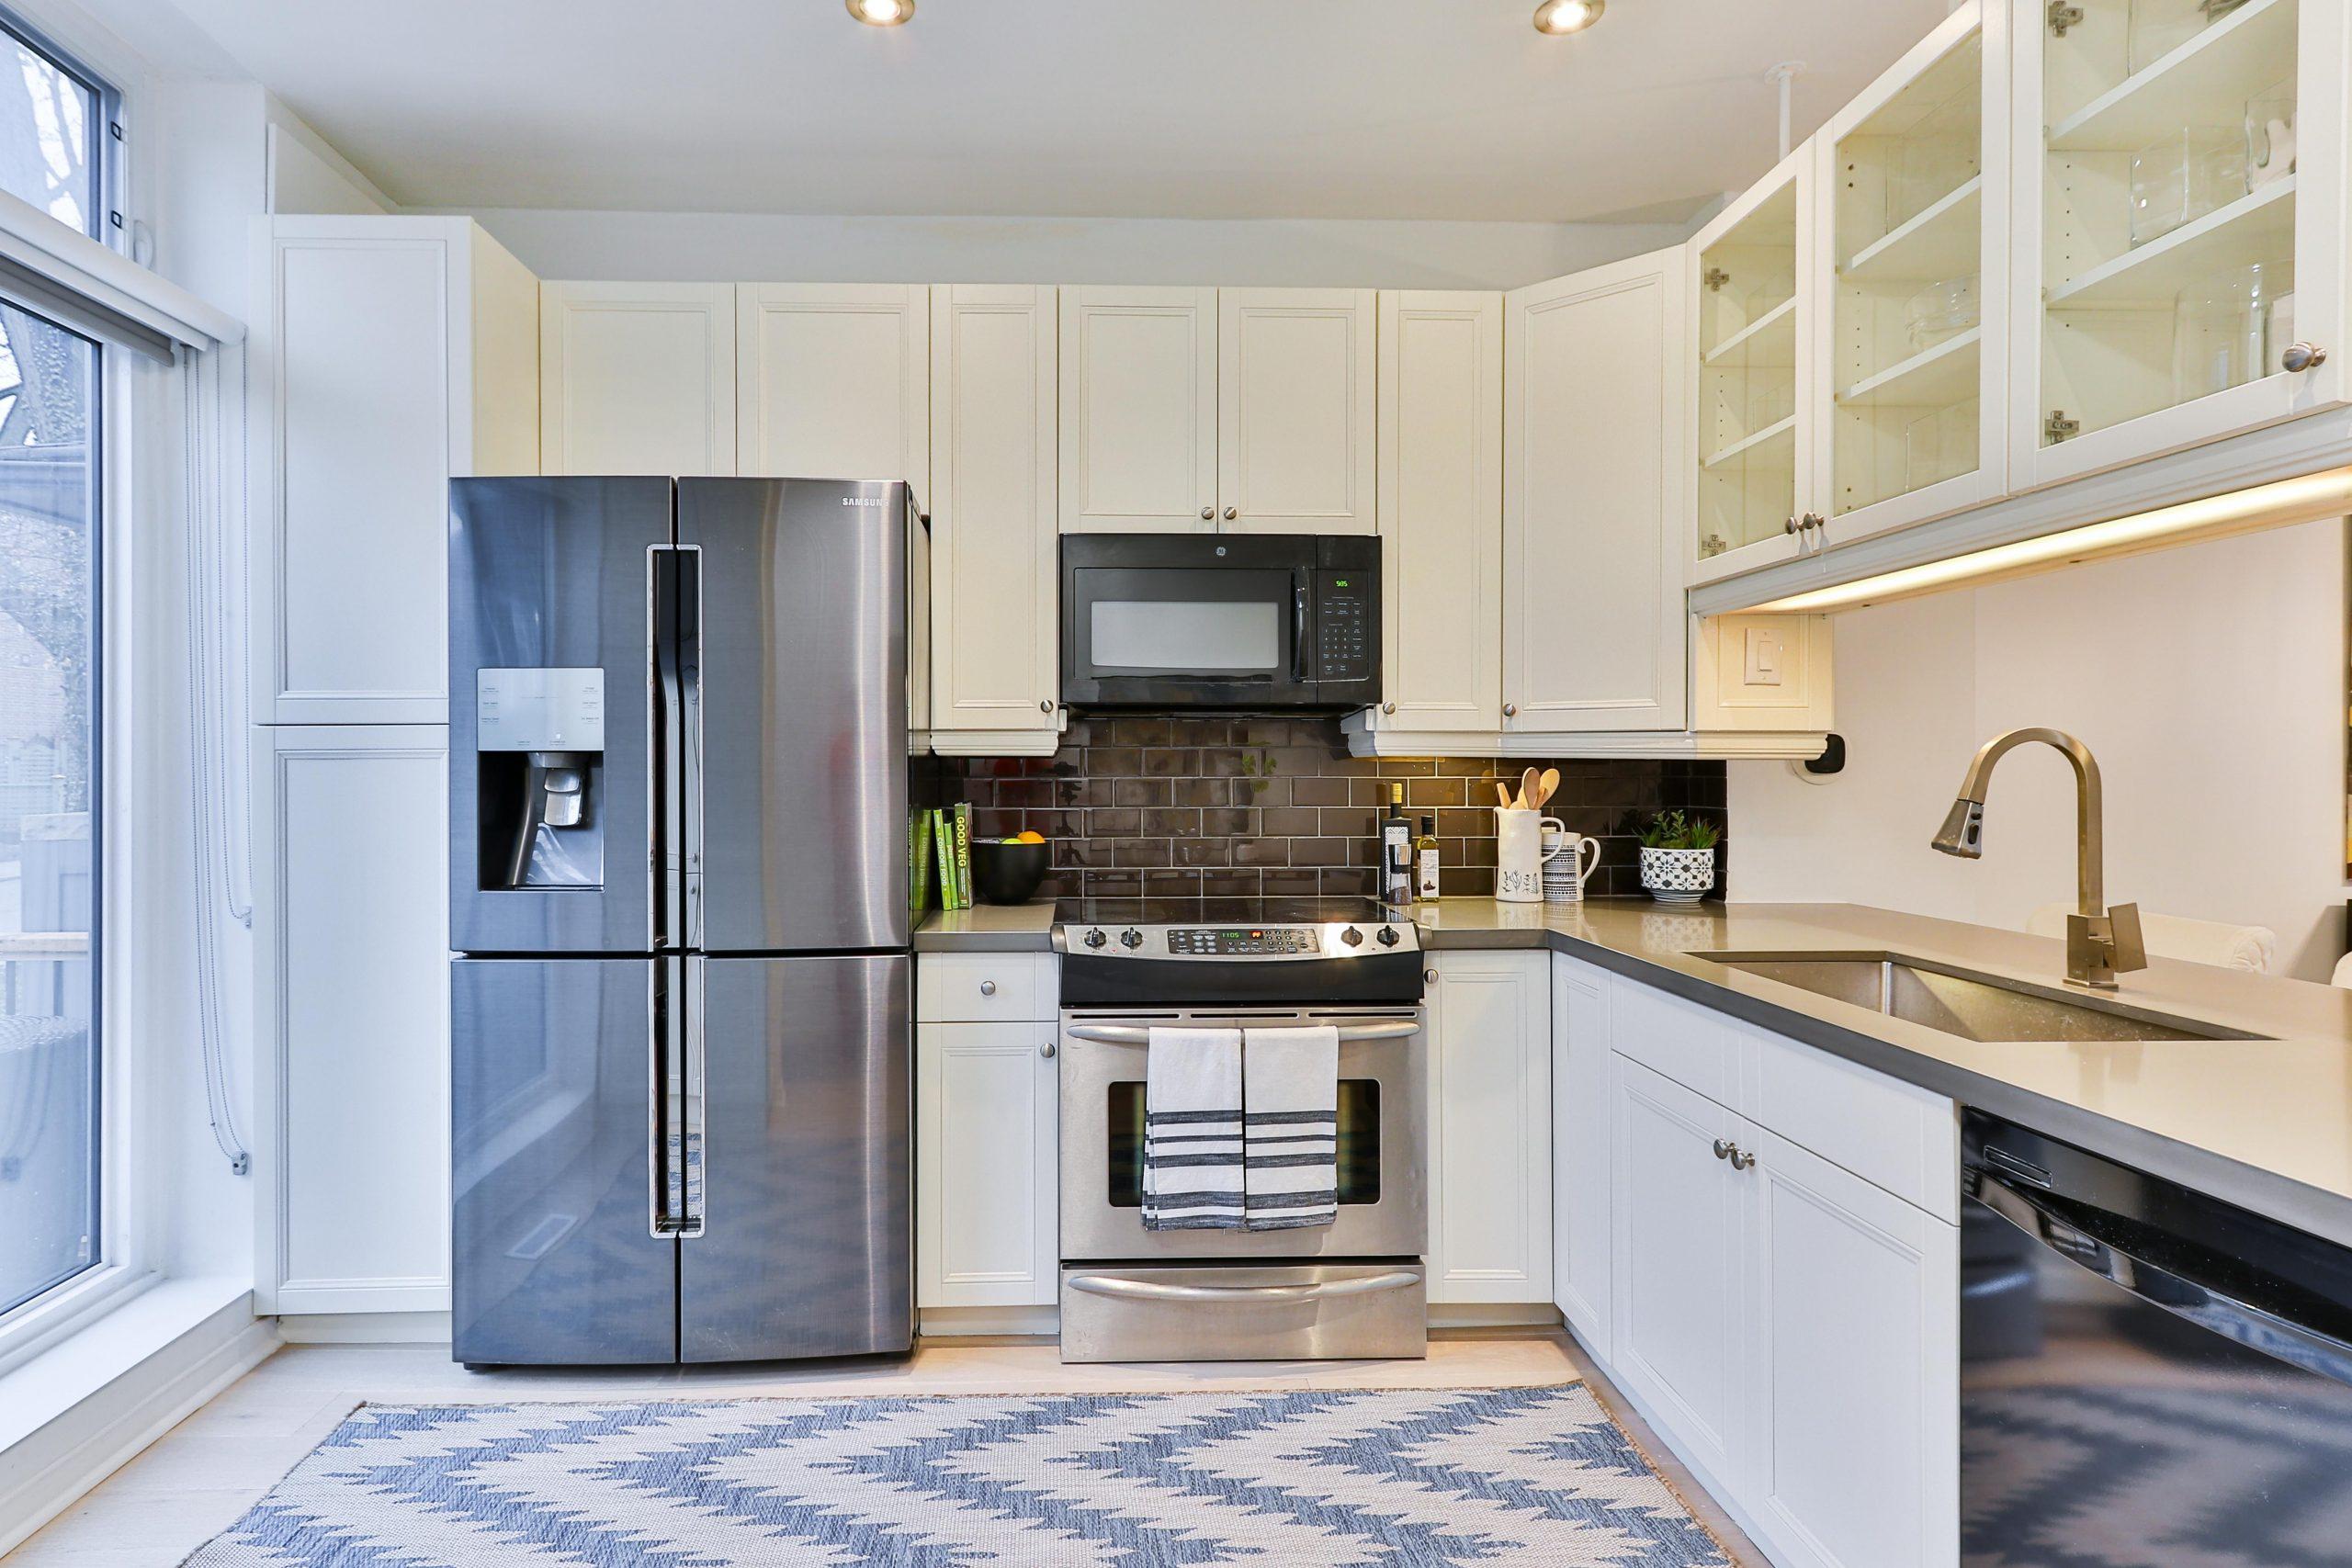 sidekix media VaGdhK kI1c unsplash scaled - Sådan køber du det bedste køleskab til dine behov